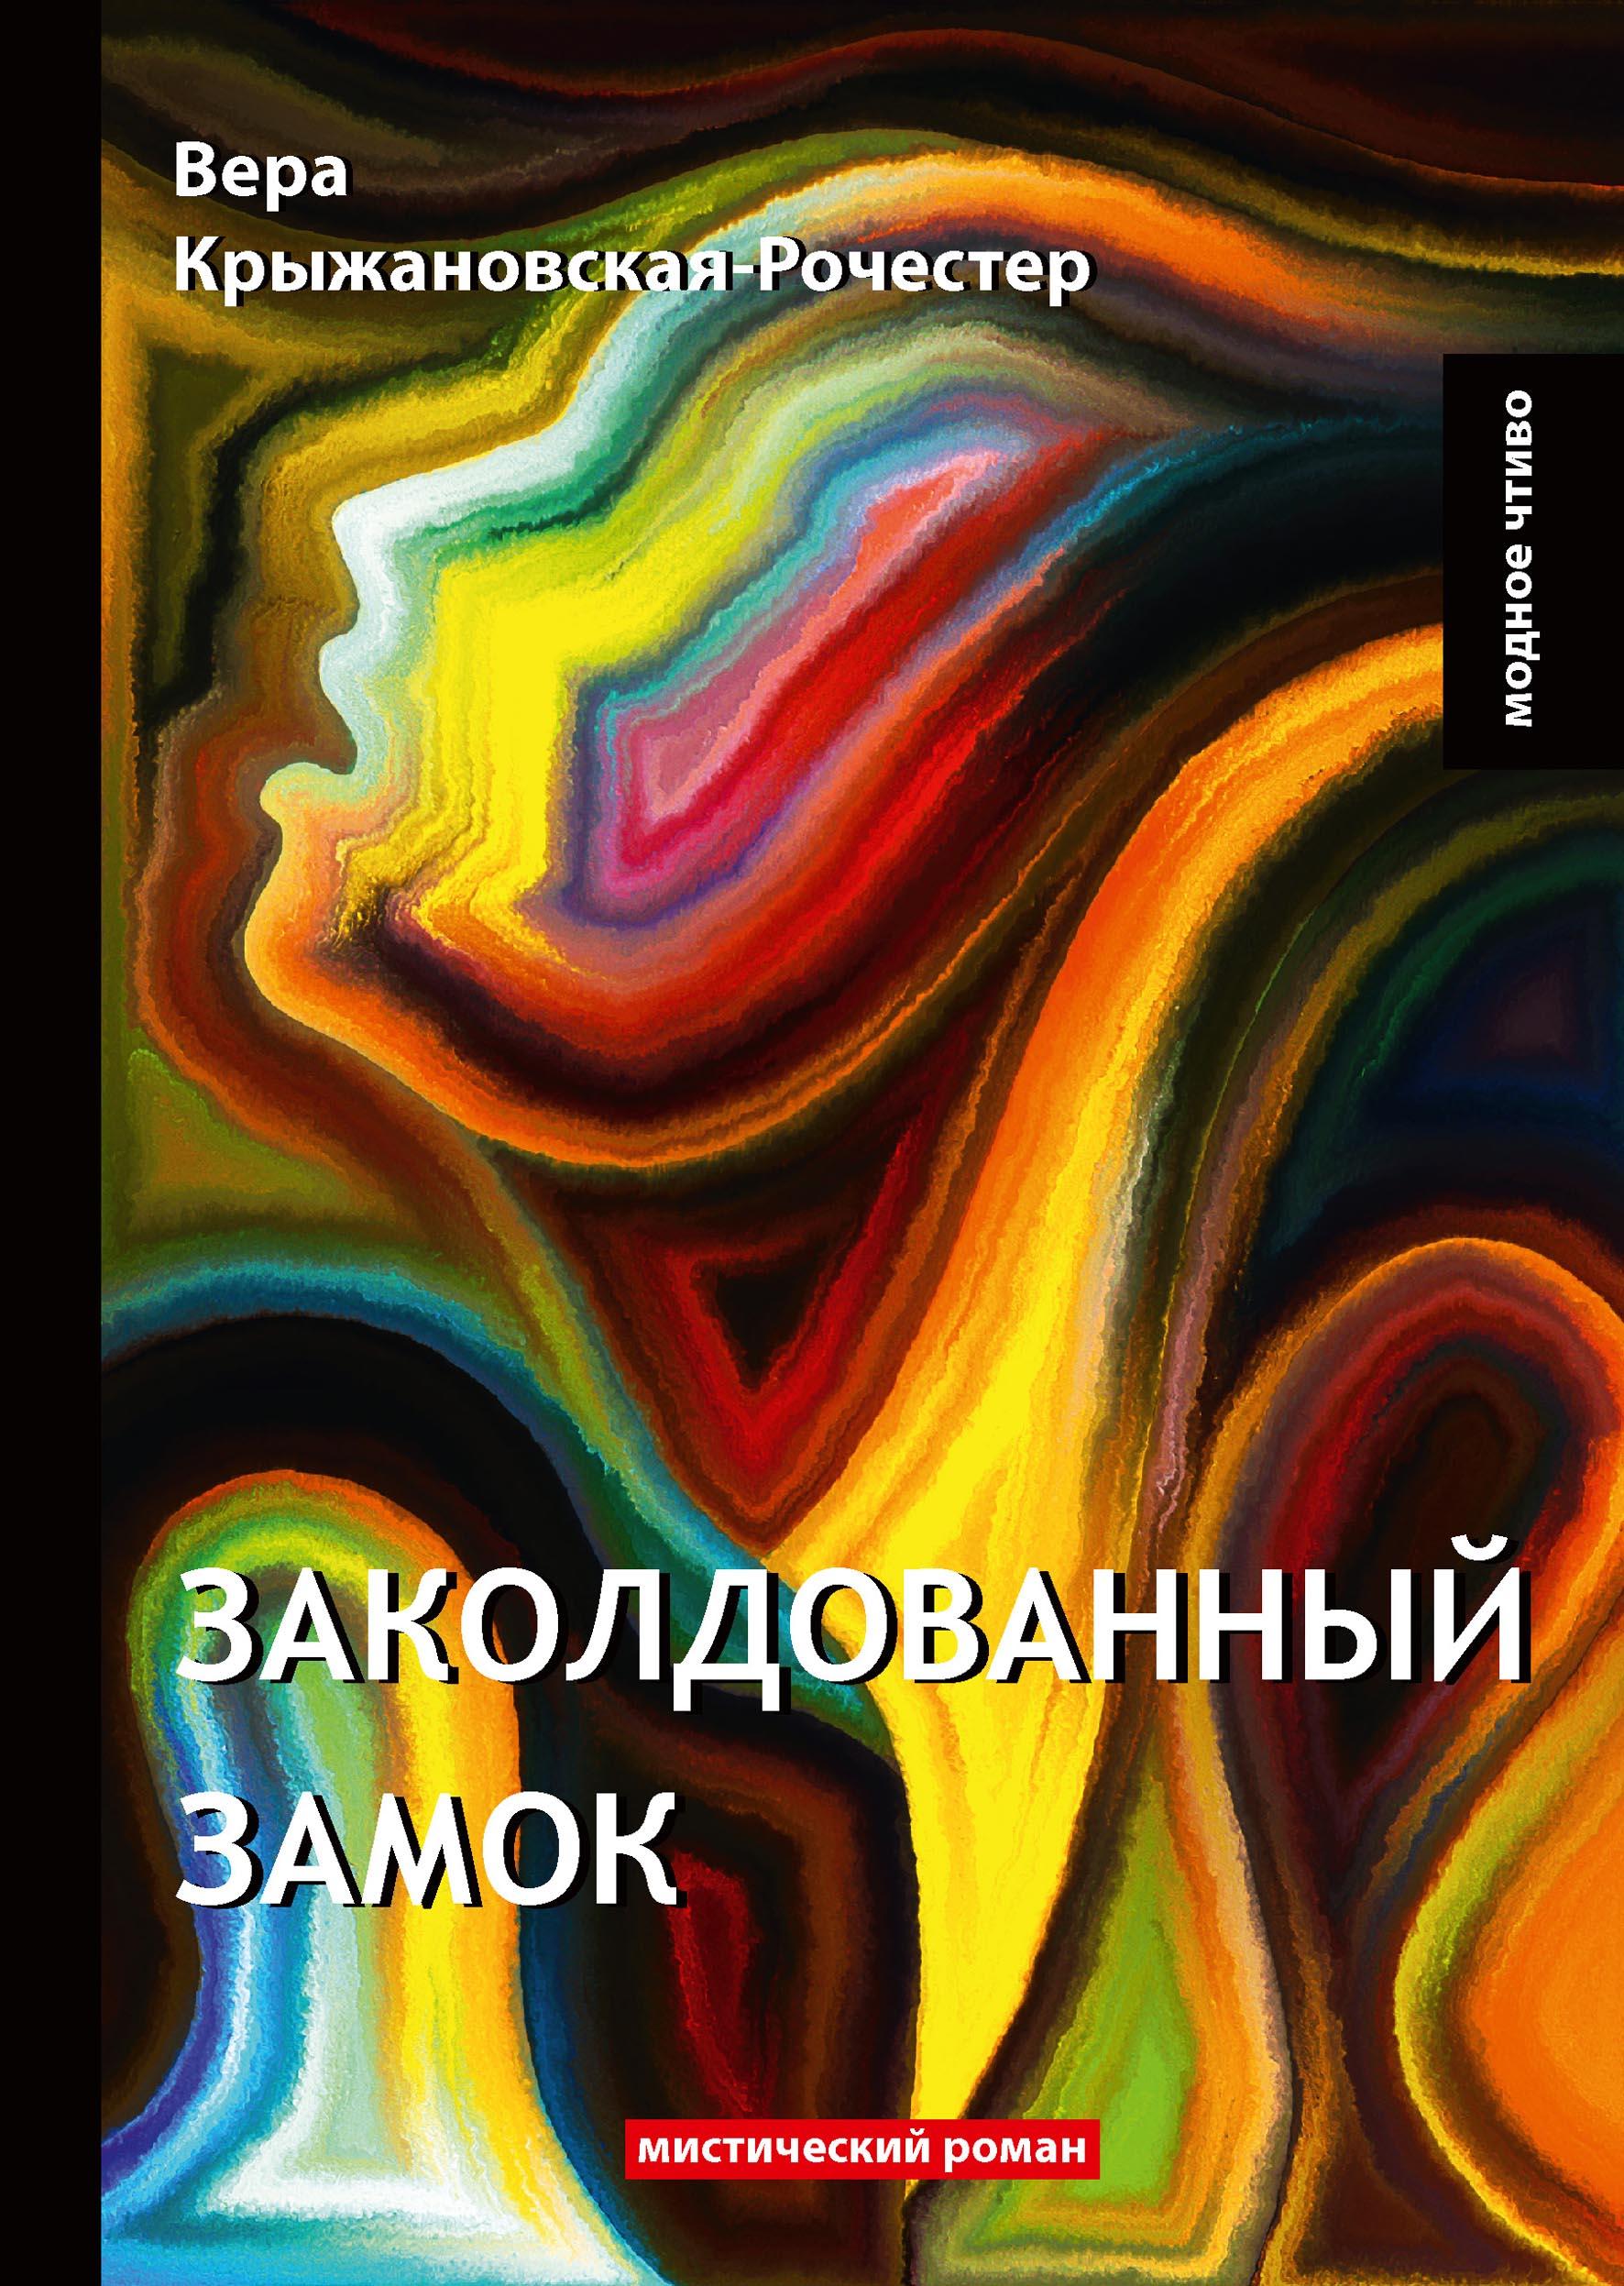 Вера Крыжановская-Рочестер Заколдованный замок. Мистический роман